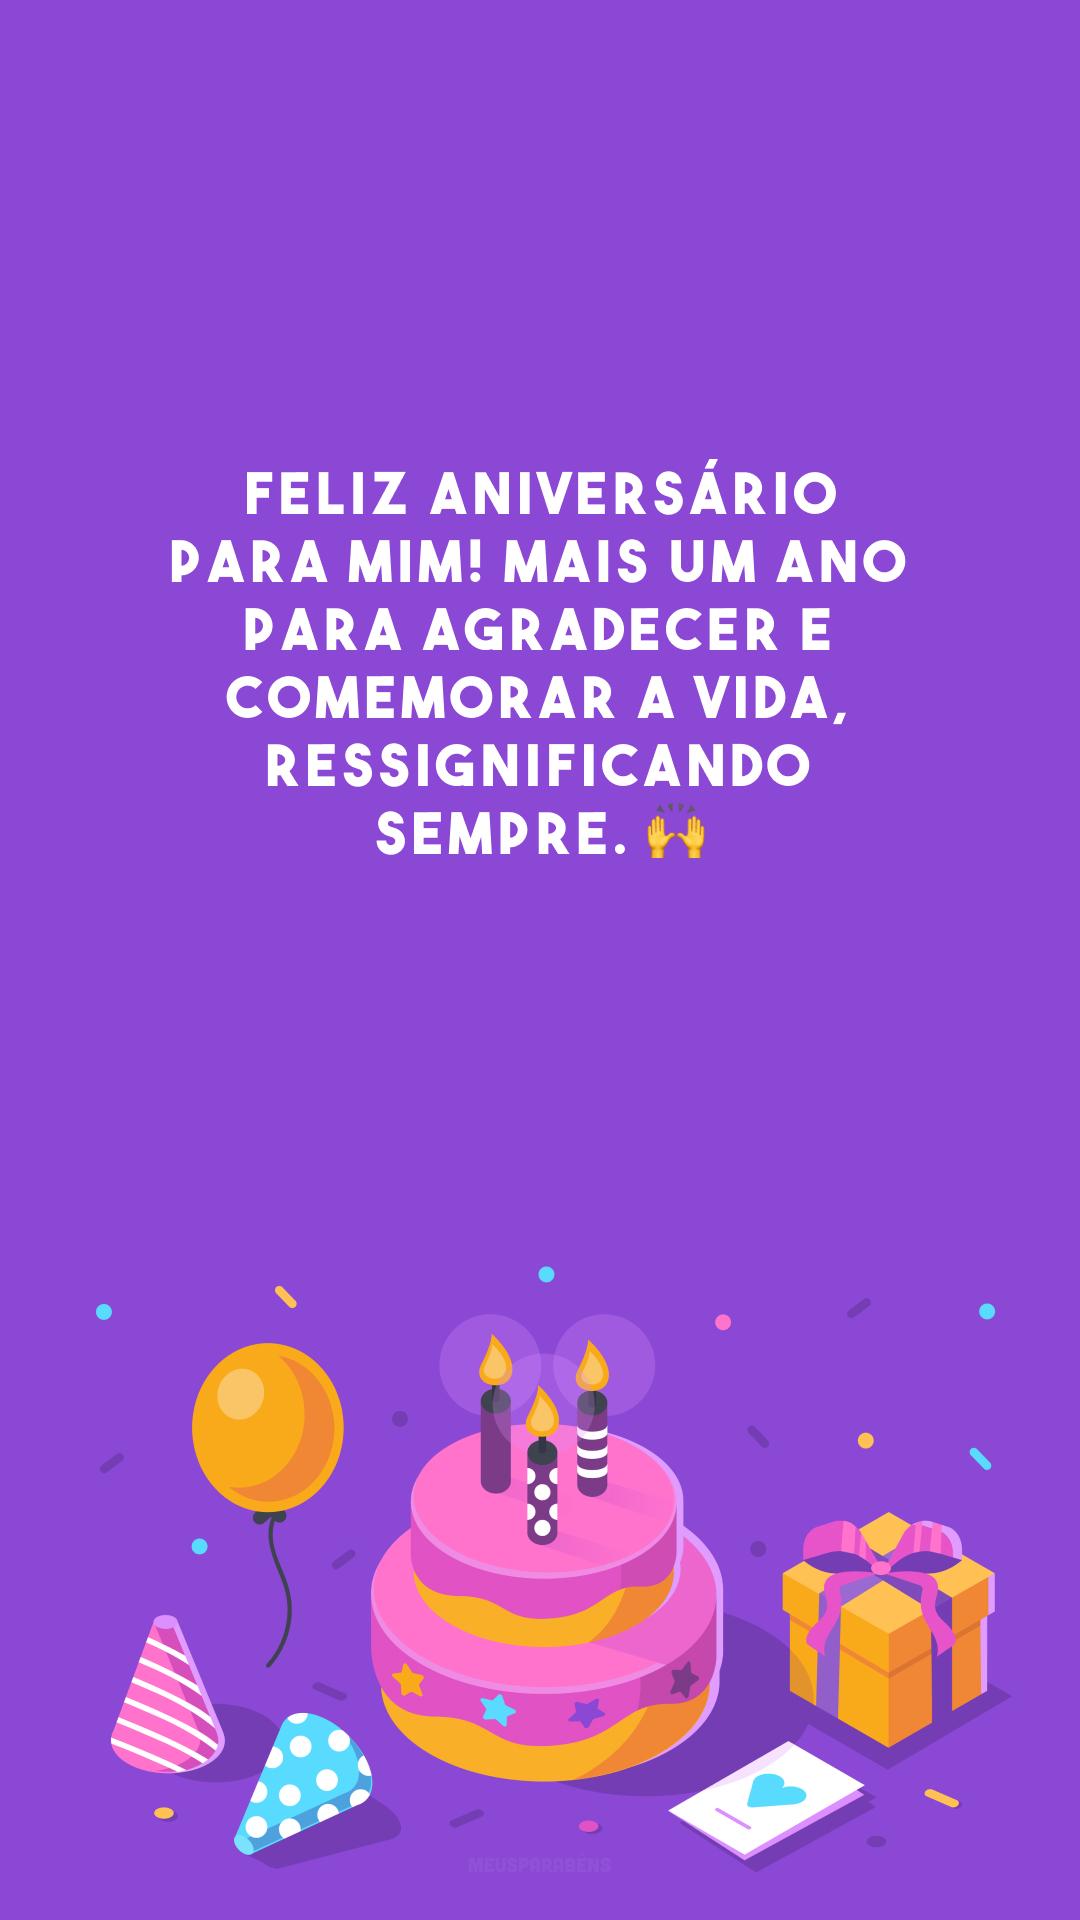 Feliz aniversário para mim! Mais um ano para agradecer e comemorar a vida, ressignificando sempre. 🙌